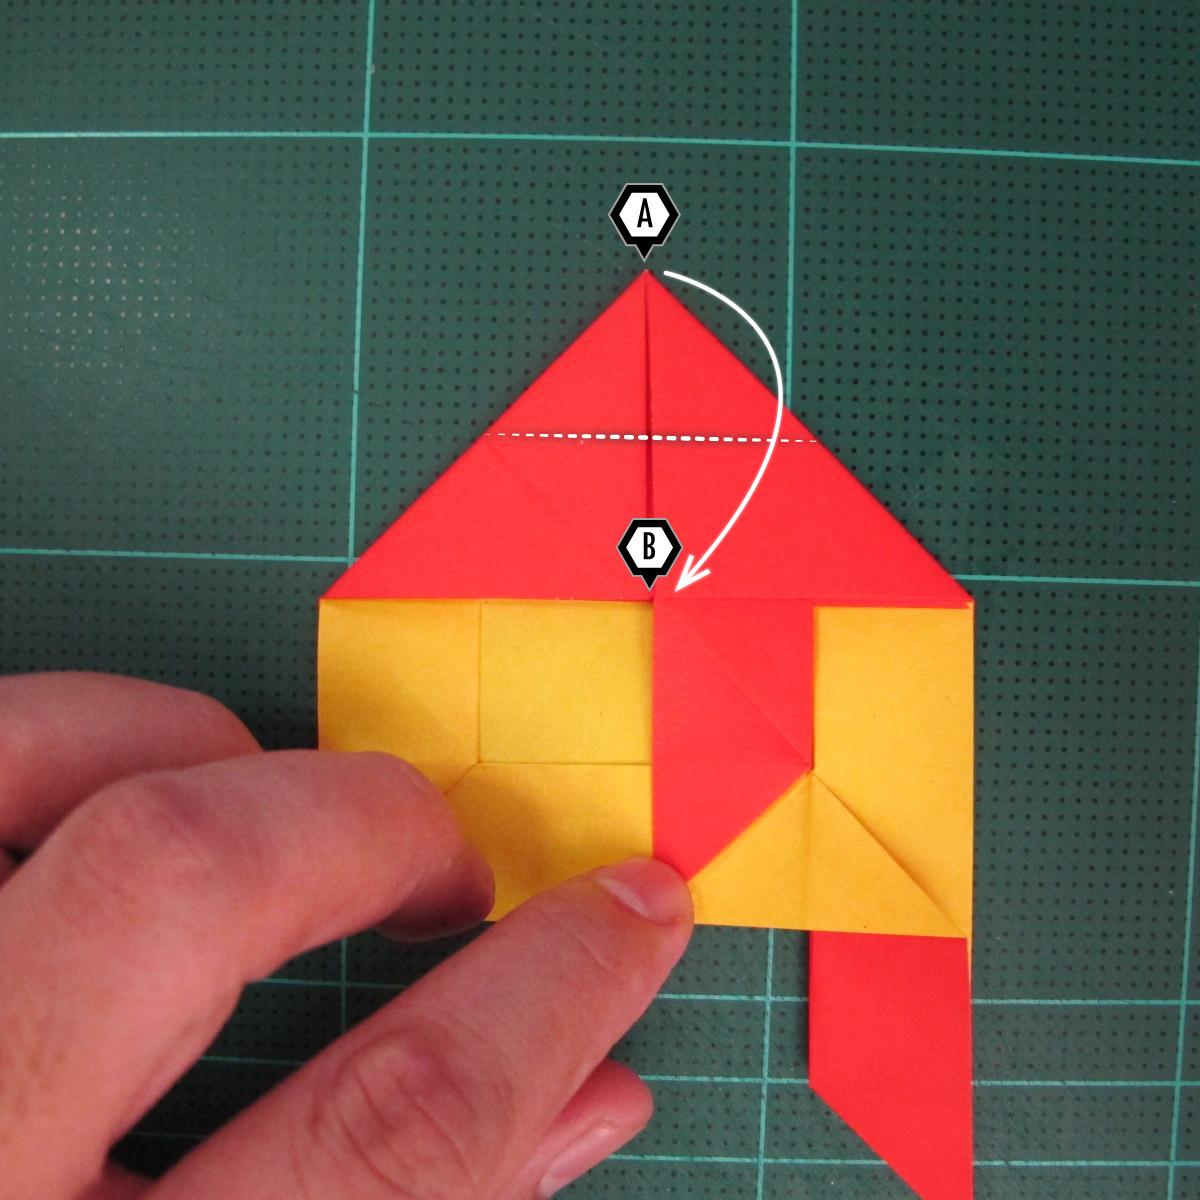 สอนวิธีพับกระดาษเป็นดอกกุหลาบ (แบบฐานกังหัน) (Origami Rose - Evi Binzinger) 012